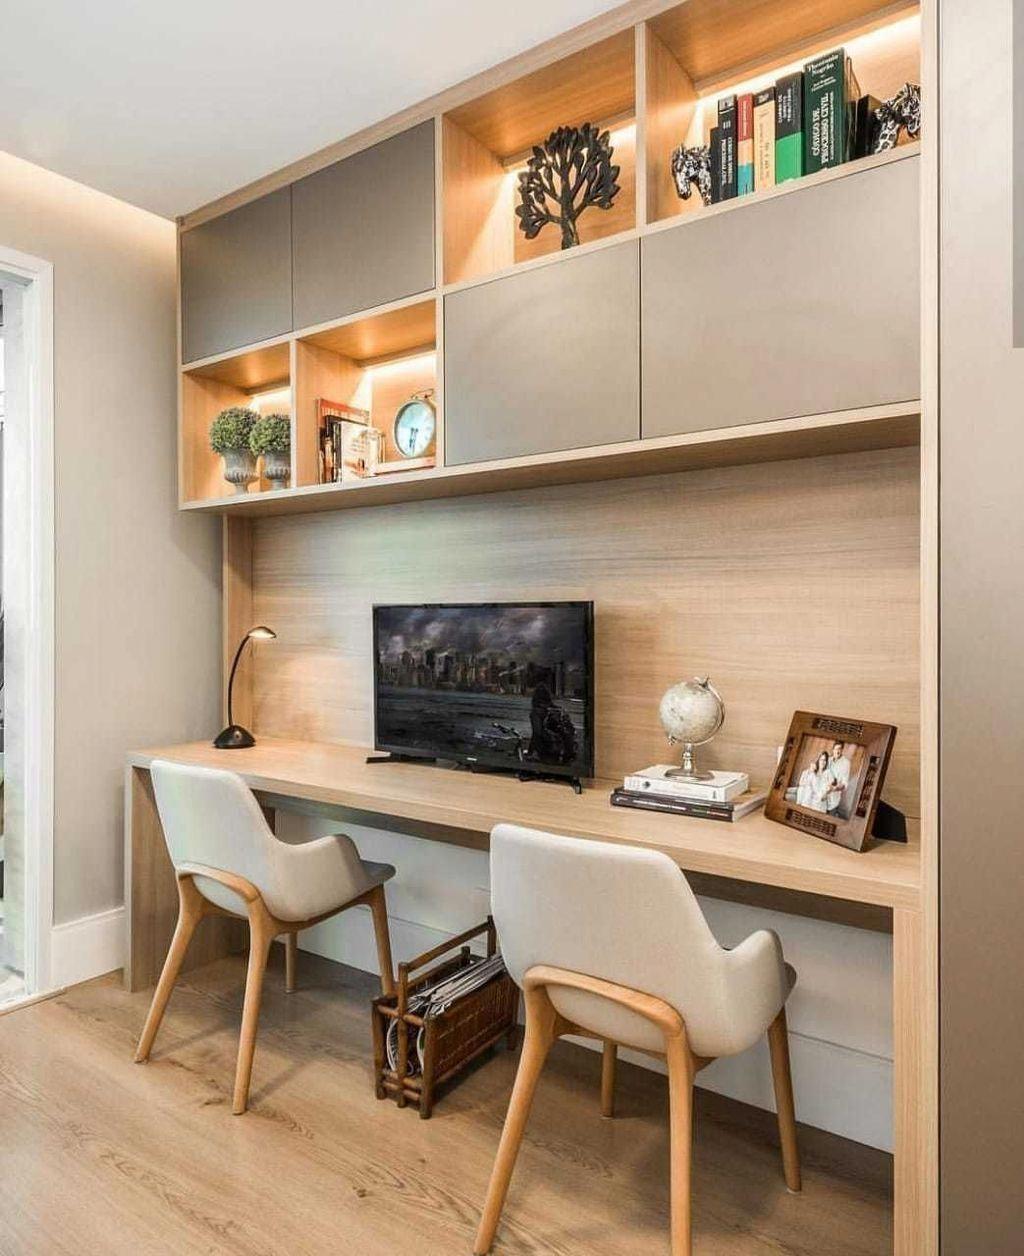 Office Layout Simple Home Office Ideas White Office Design Ideas 20191024 Desain Furnitur Desain Interior Desain Interior Modern